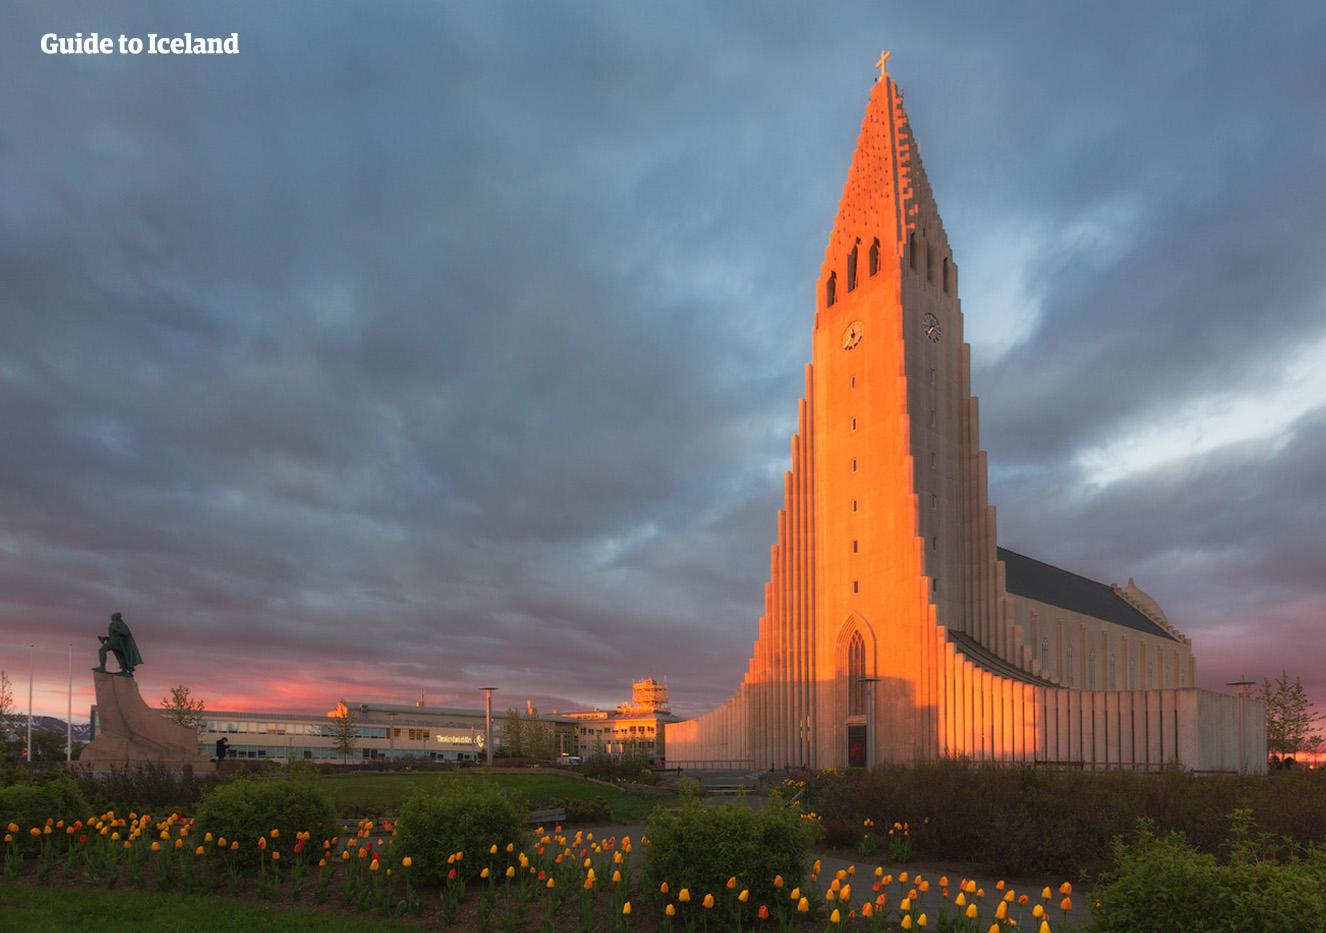 아이슬란드 수도 레이캬비크의 상징, 할그림스키르캬!